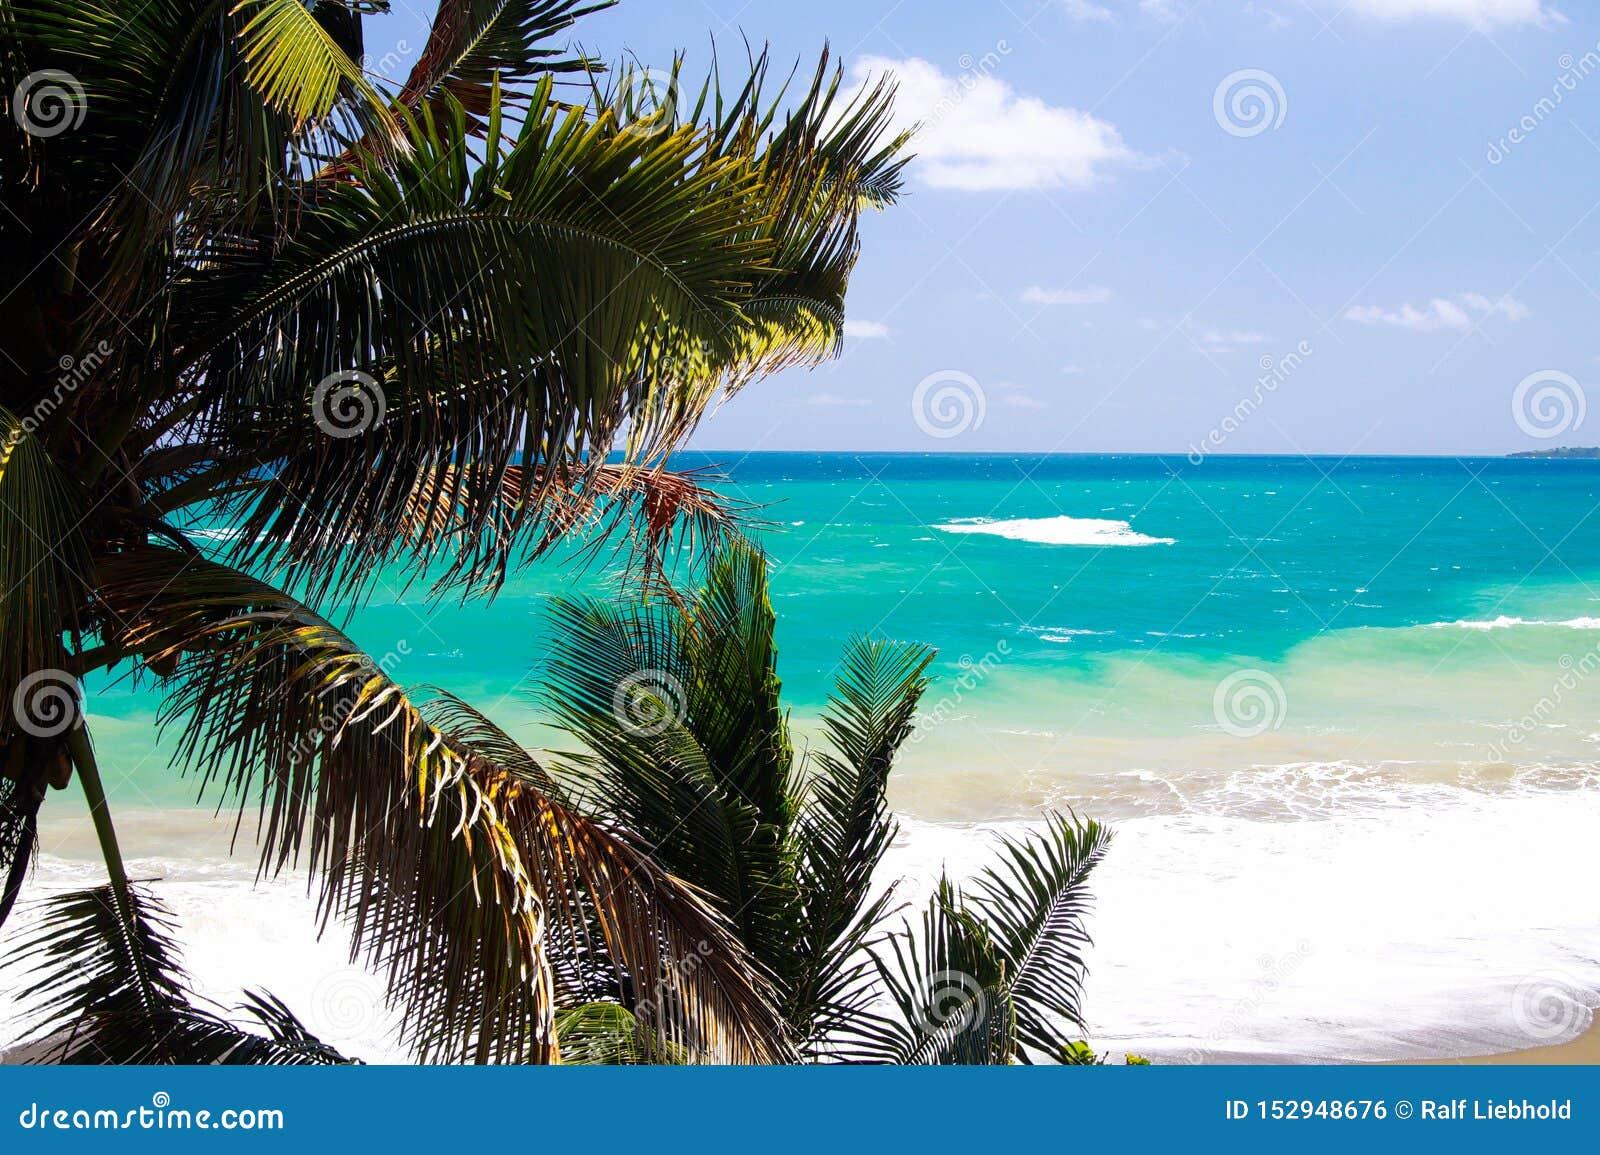 Sikt på turkoskustlinjen nära den blåa lagun med vågsäkerhetsbrytare och vitt skum utöver palmträd, Portland, Jamaica